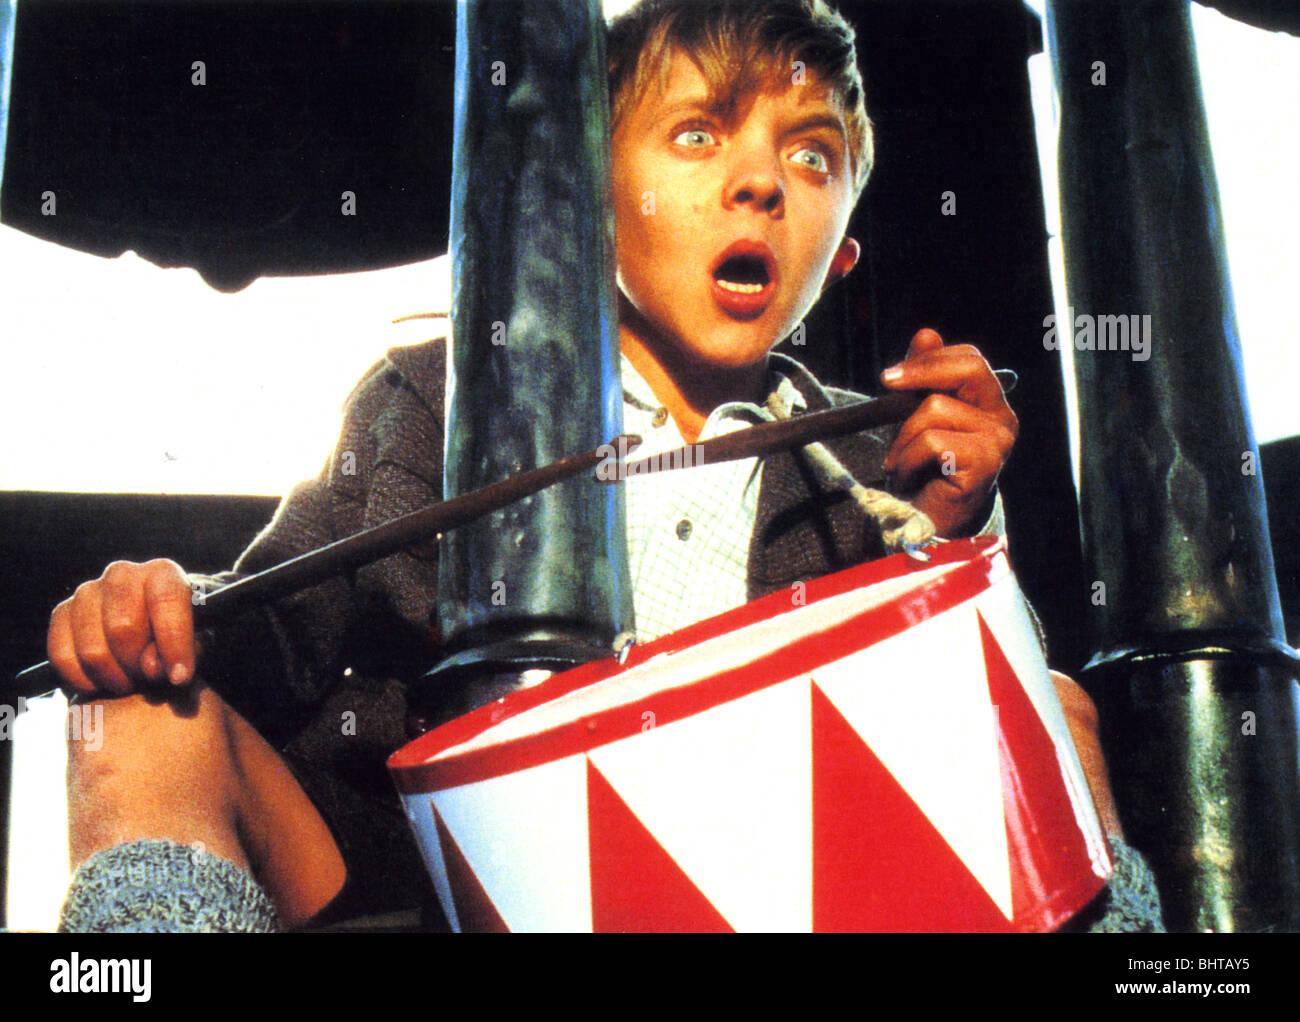 Il Tamburo Di Latta.Il Tamburo Di Latta 1979 Ua Film Foto Immagine Stock 28194969